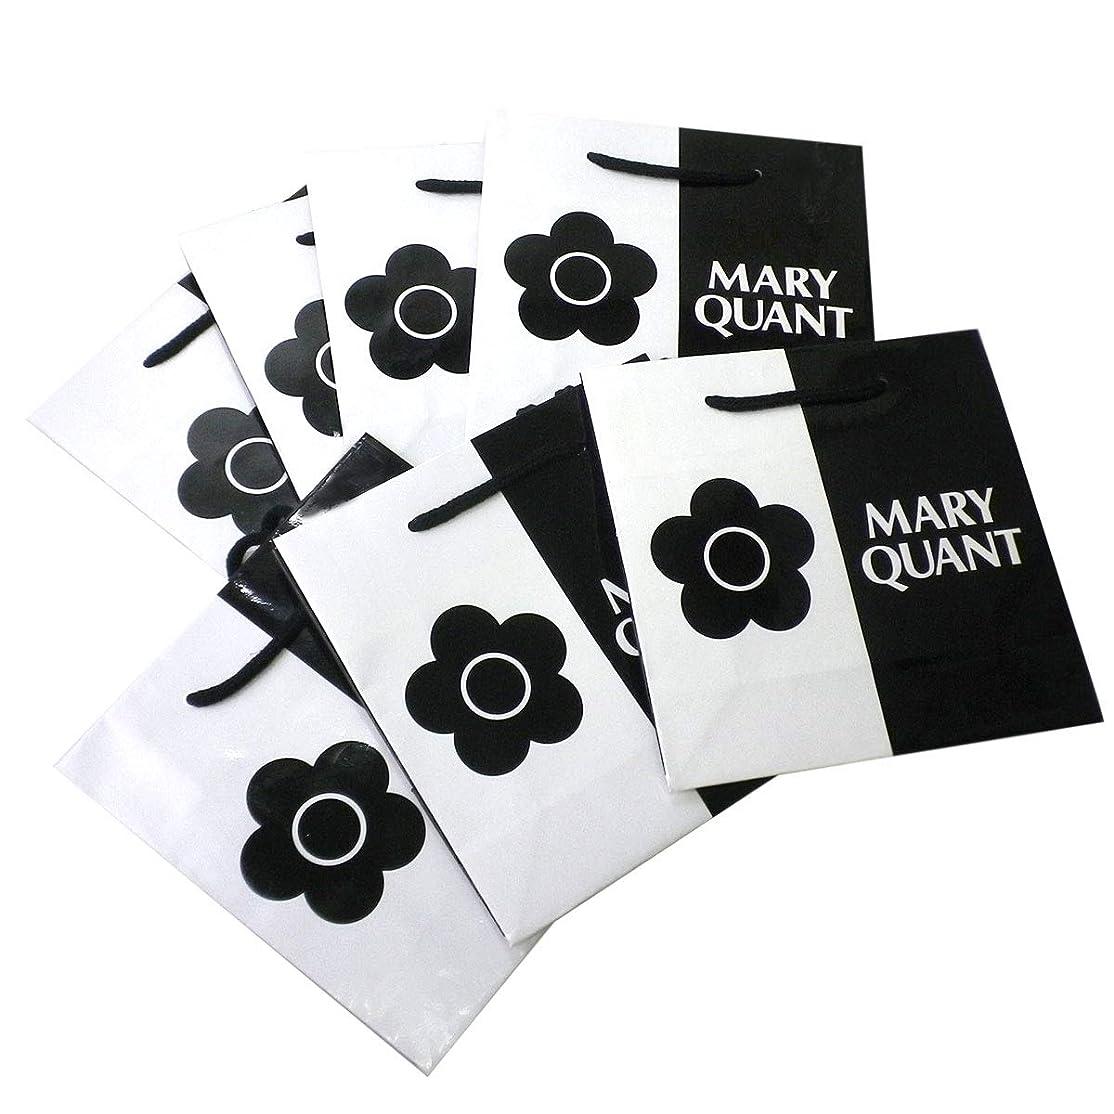 相関する礼儀にぎやか(マリークワント) MARY QUANT 紙袋 ショップバッグ ミニ 小さめ ショッピングバッグ ロゴ 鞄 カバン SET セット ショッパー デイジー花 花柄 フラワー 黒 ブラック 白 ホワイト モノトーン